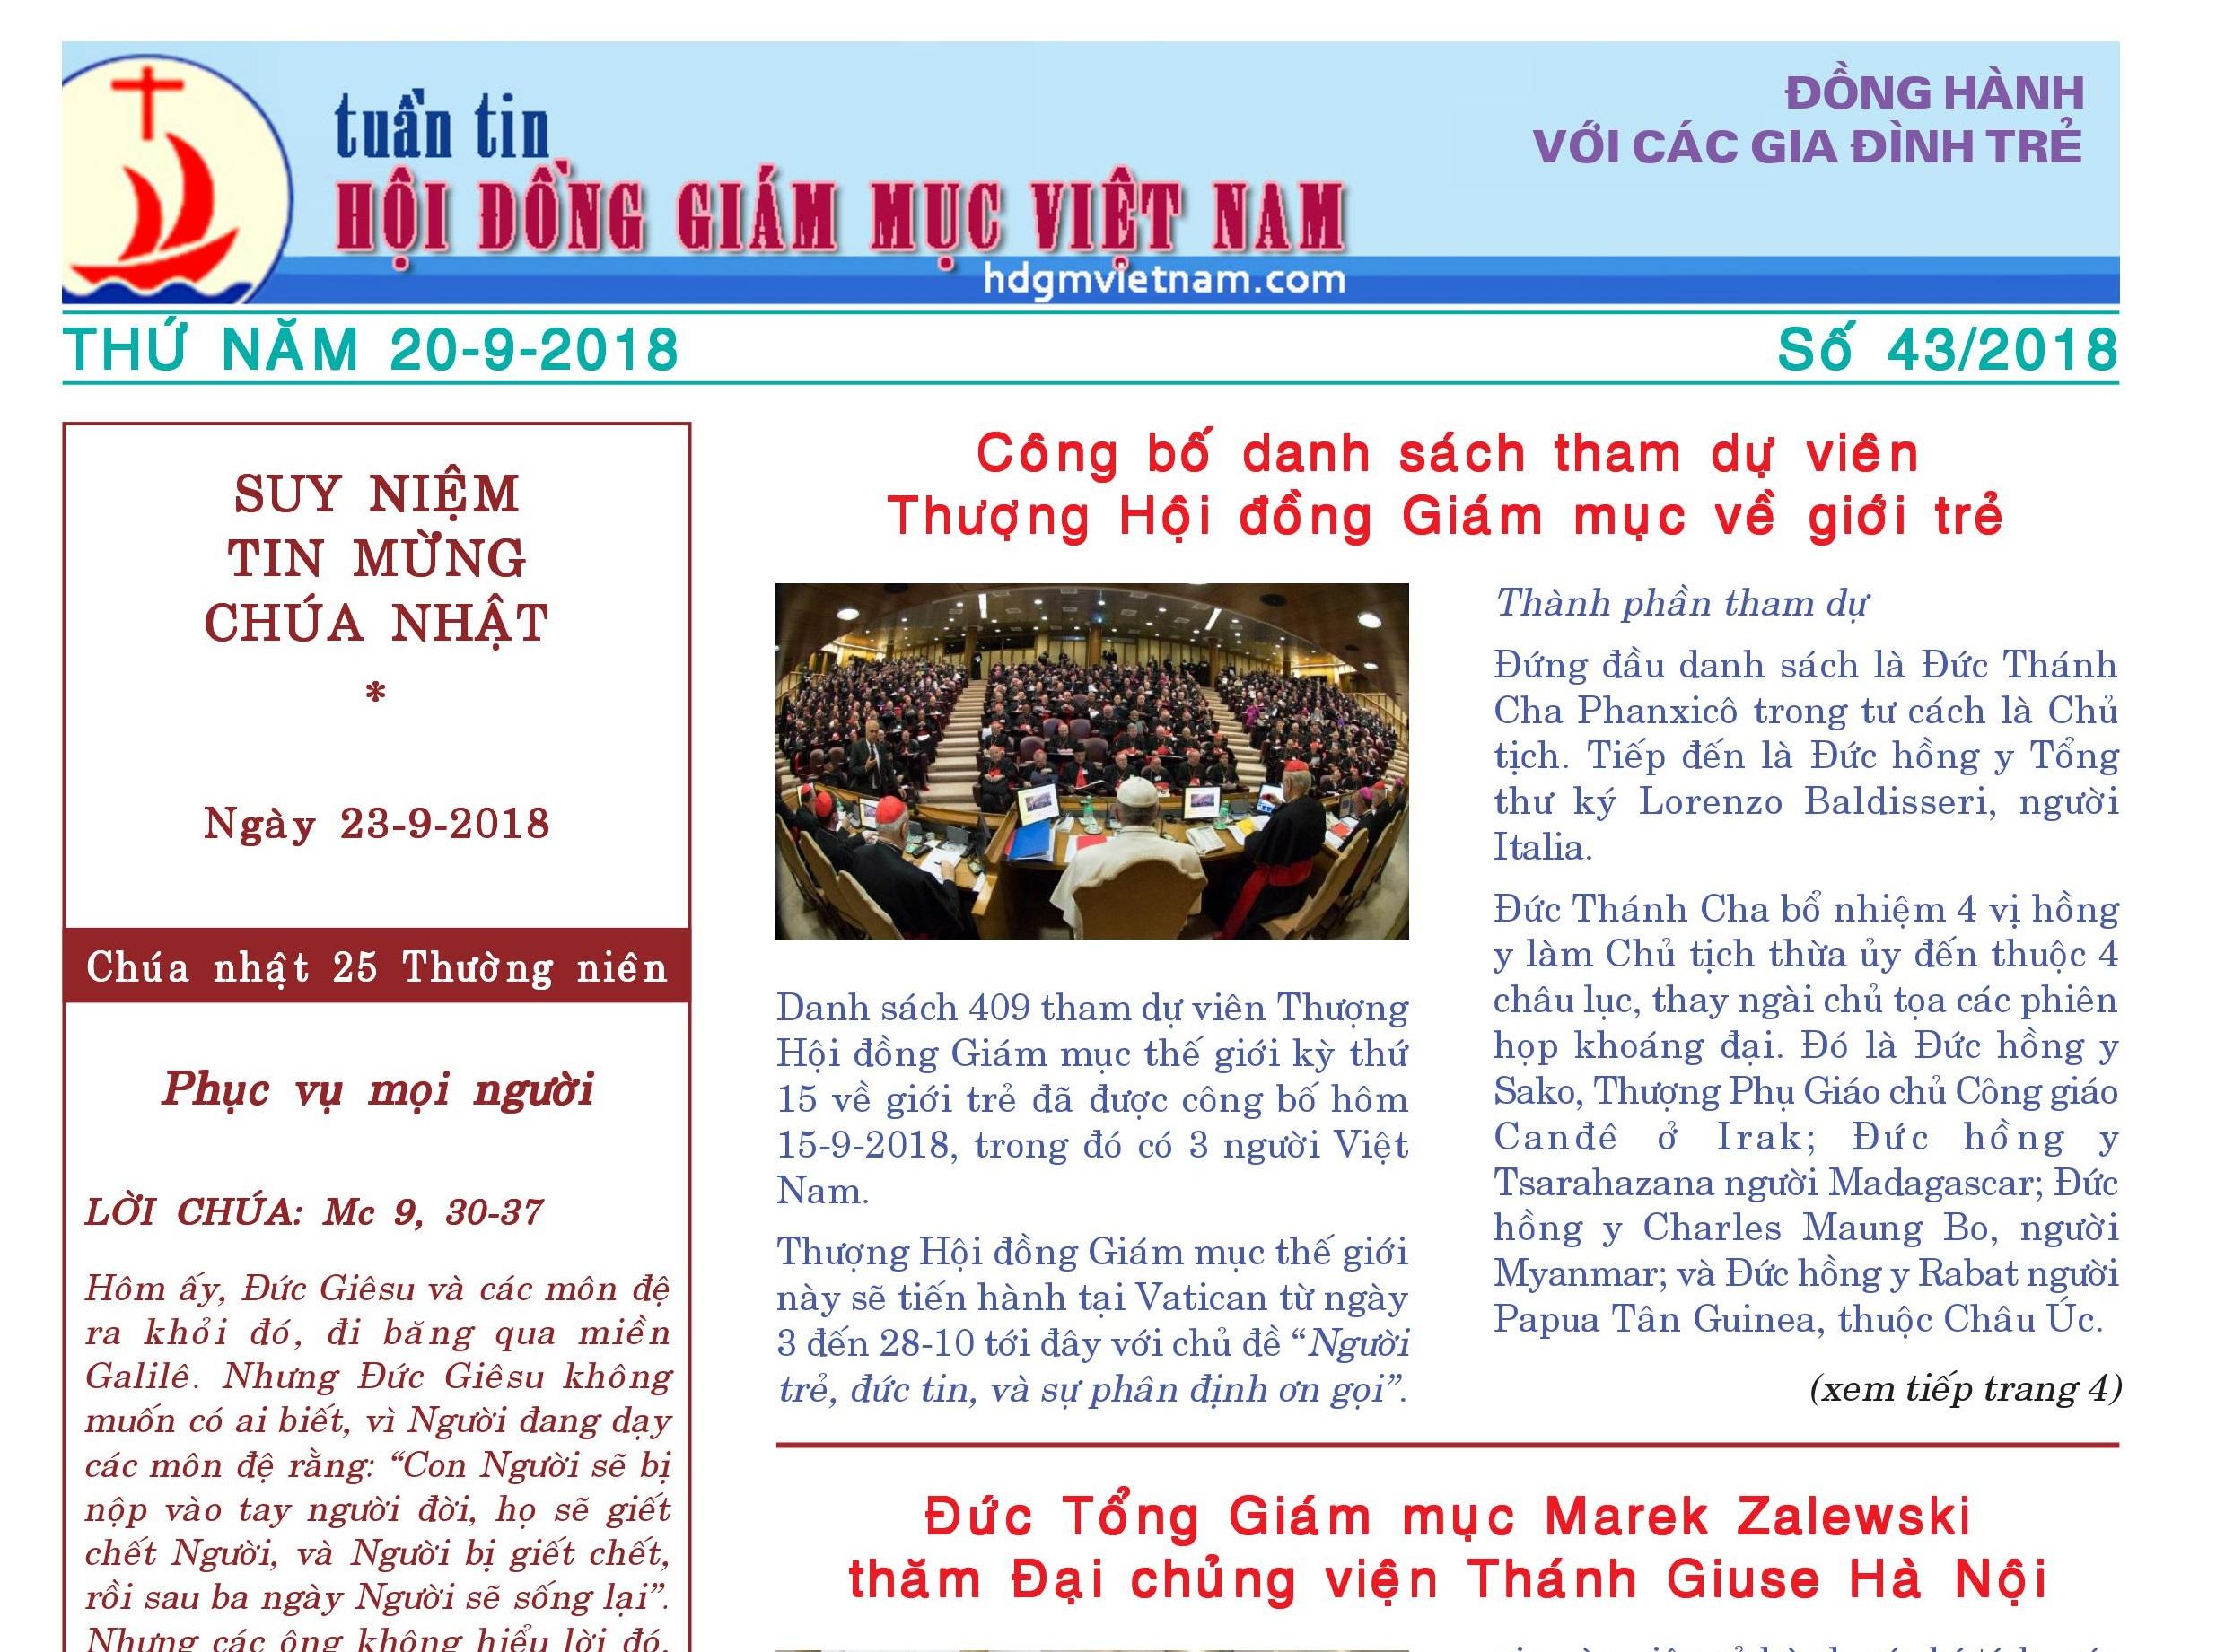 Tuần tin Hội đồng Giám mục Việt Nam số 43/2018